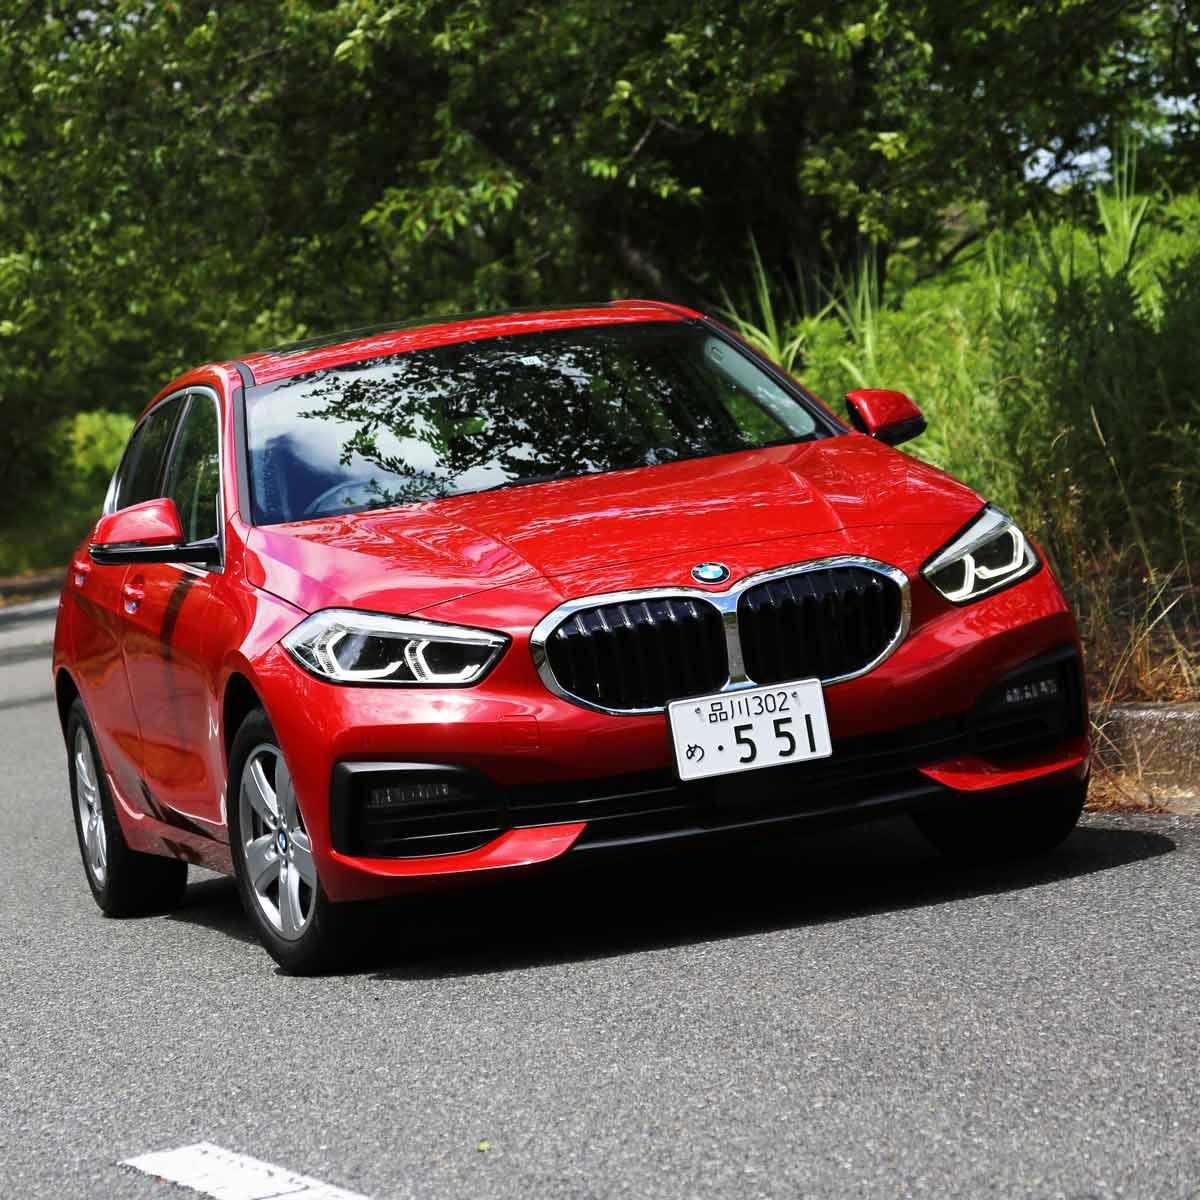 FRからFFになった! BMW 新型「1シリーズ」に試乗